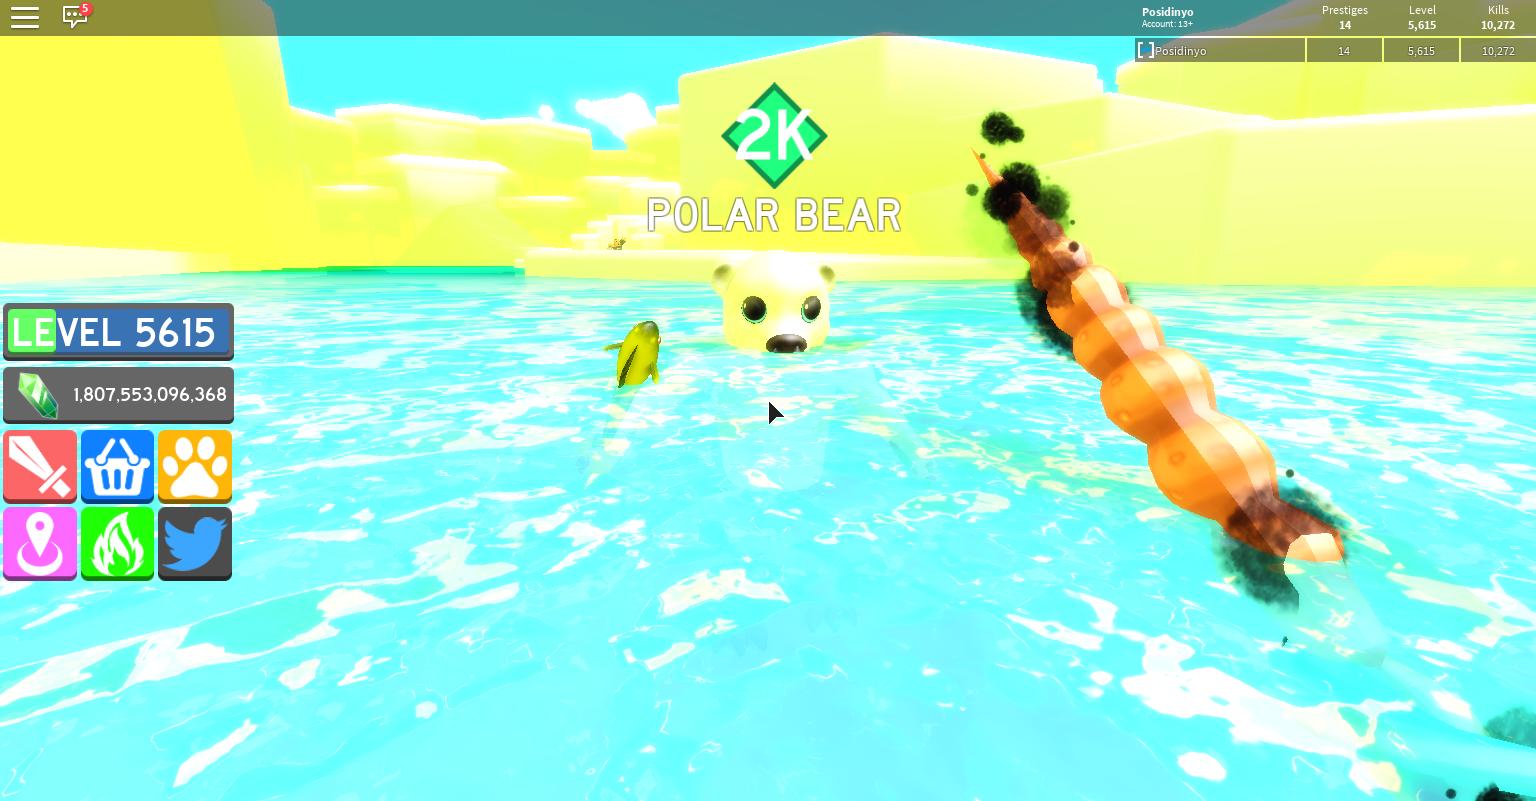 Polar Bears | Slaying Simulator Wiki | FANDOM powered by Wikia